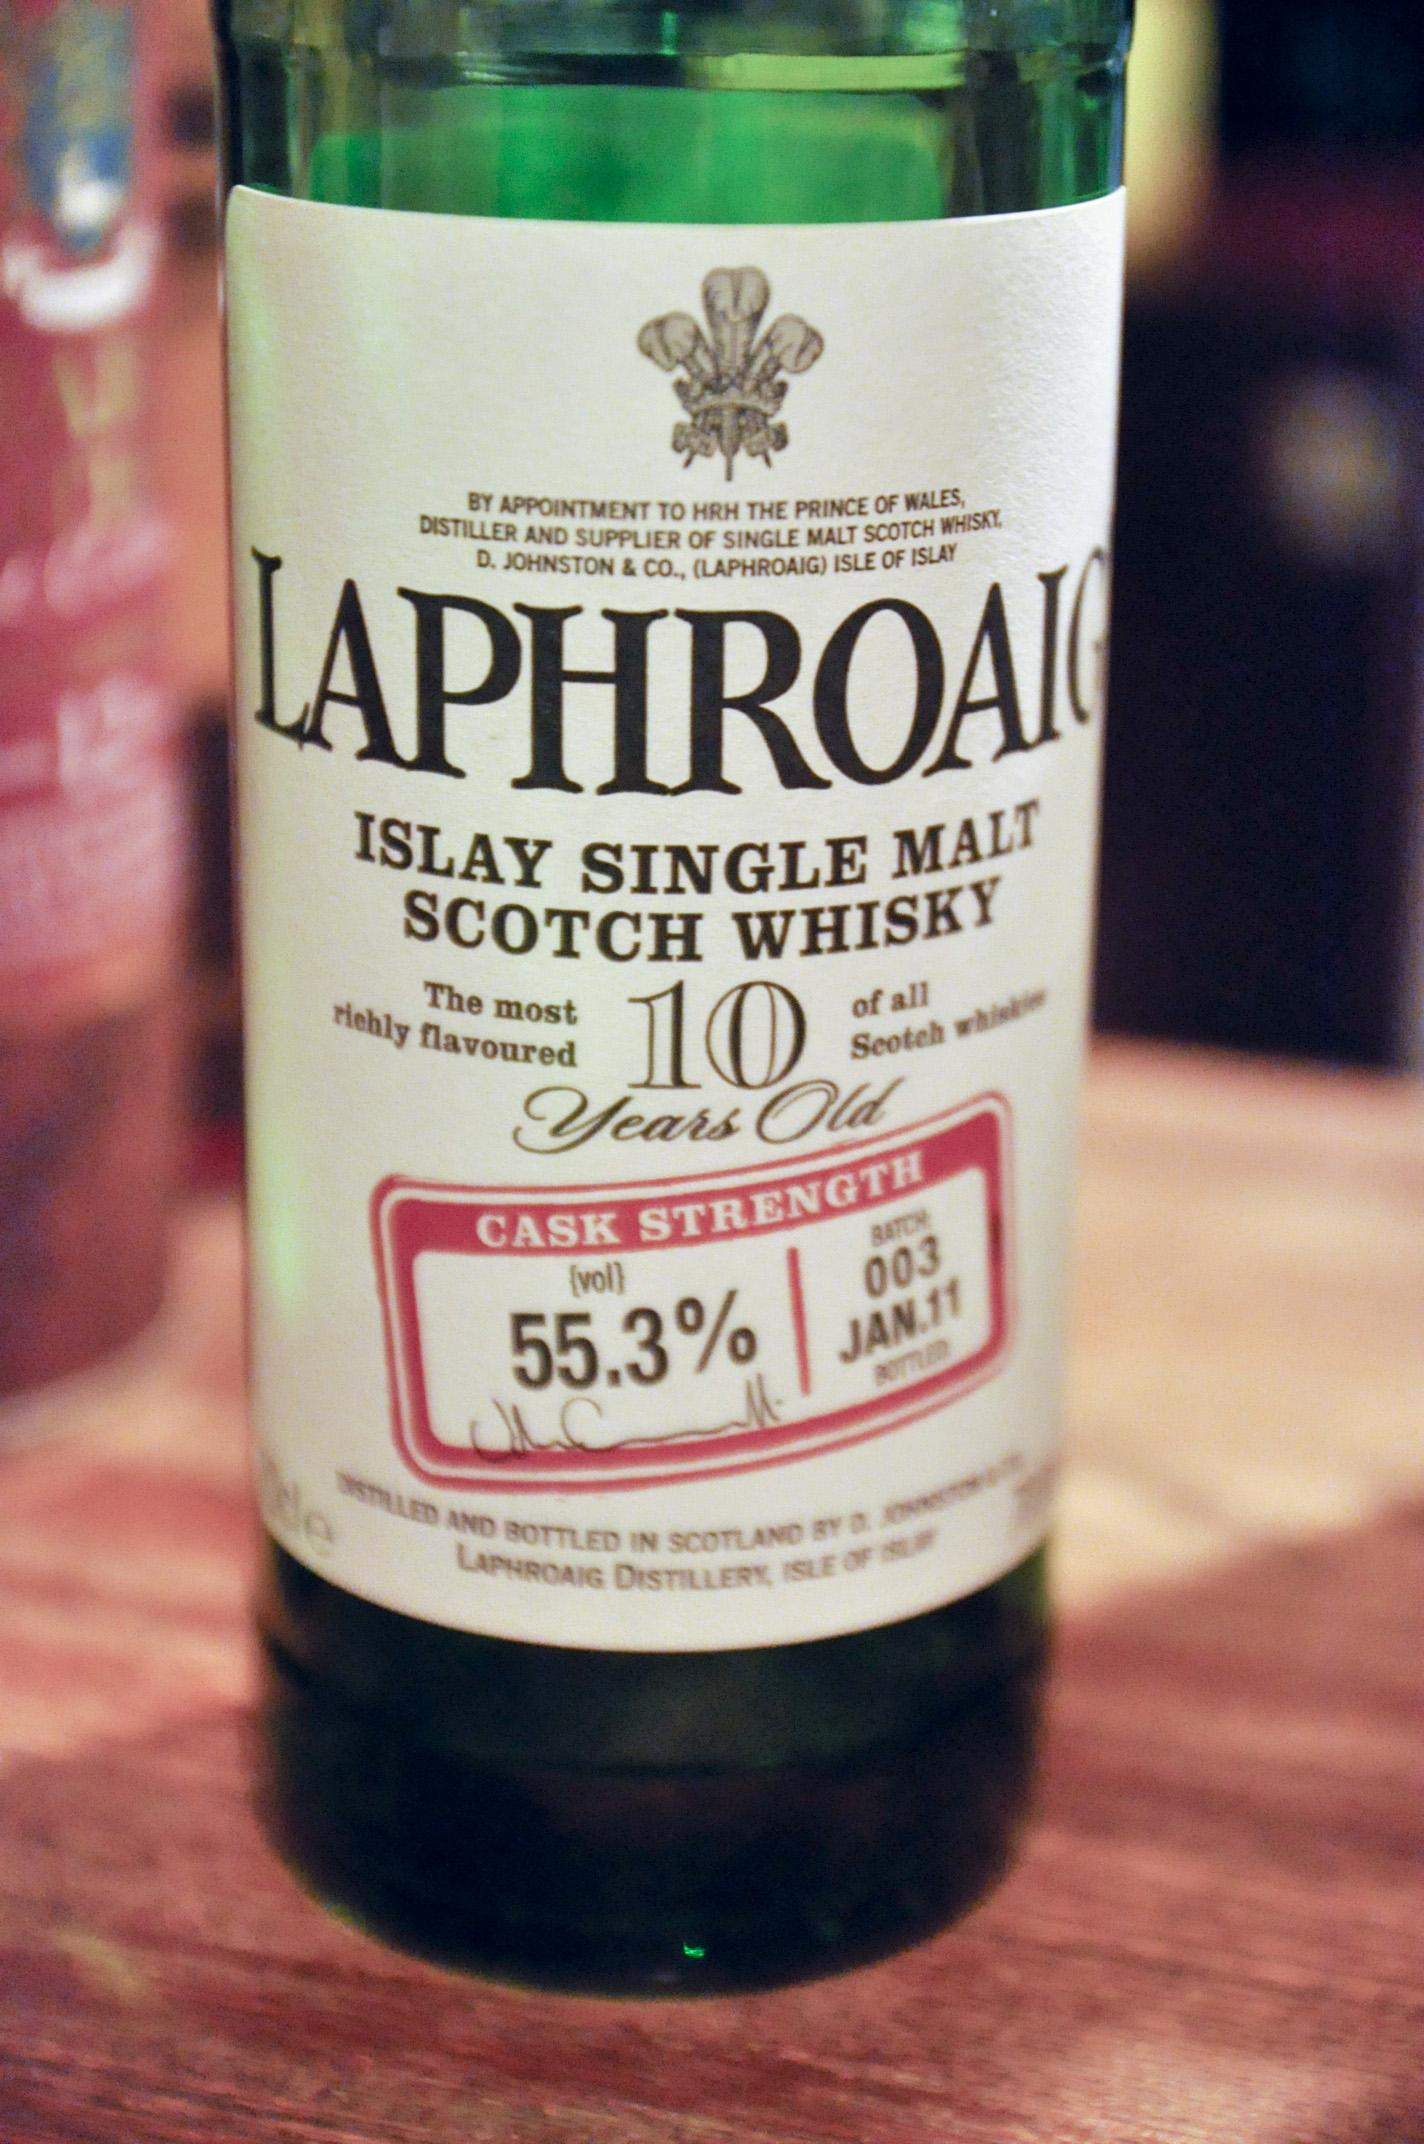 ラフロイグ Laphroaig 10yo Cask Strength (55.3%, OB, Batch003 JAN2011)